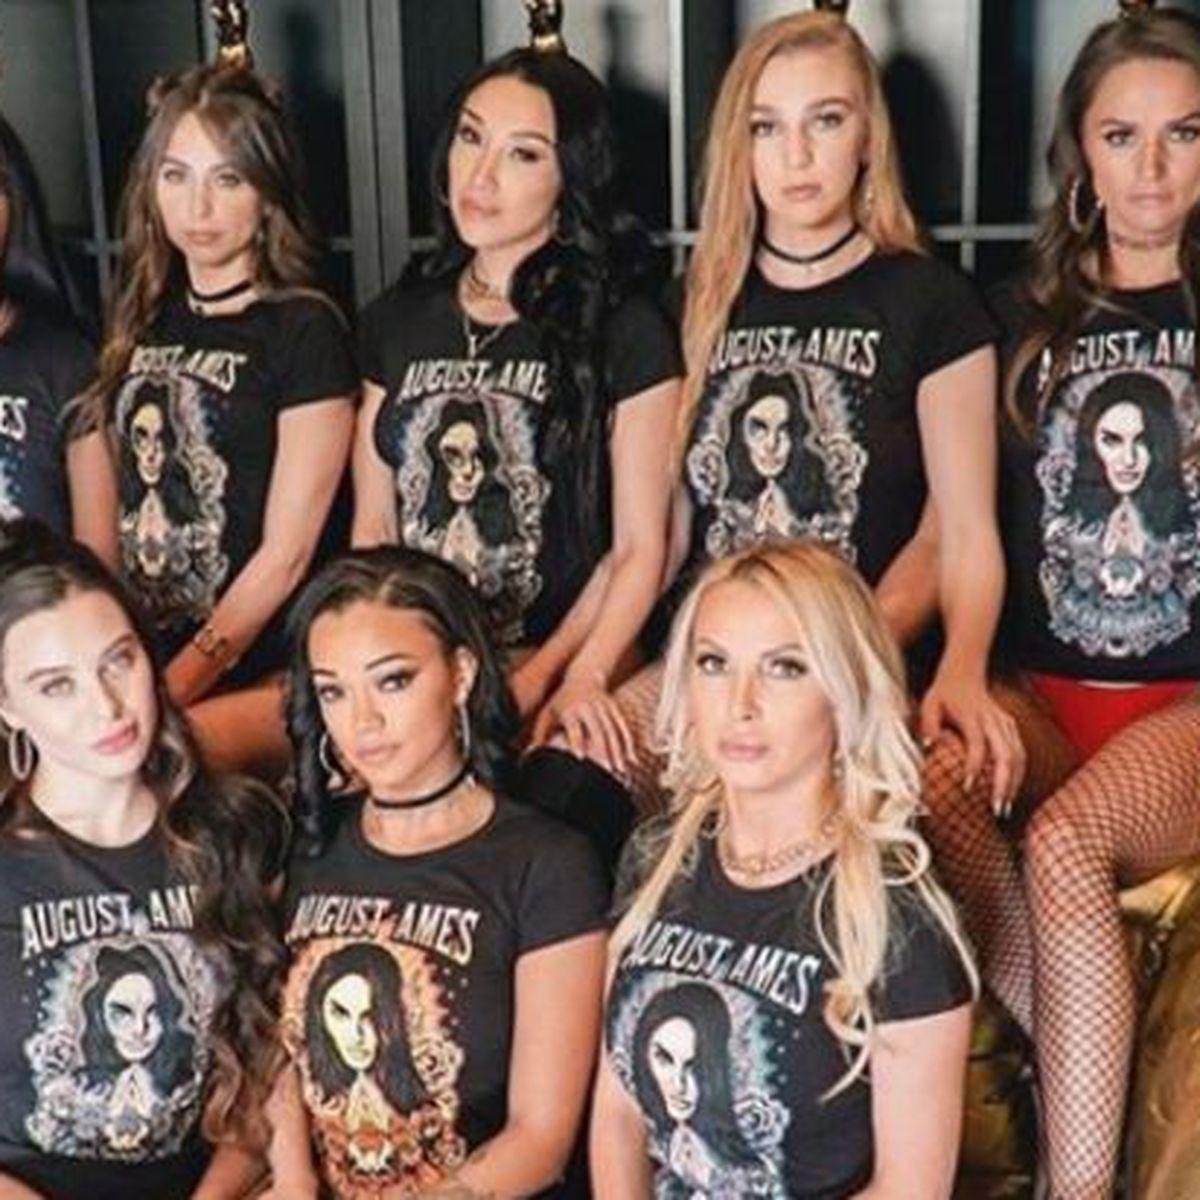 Actriz Secretos Del Cine Porno las muertes consecutivas de 5 actrices porno que encendieron